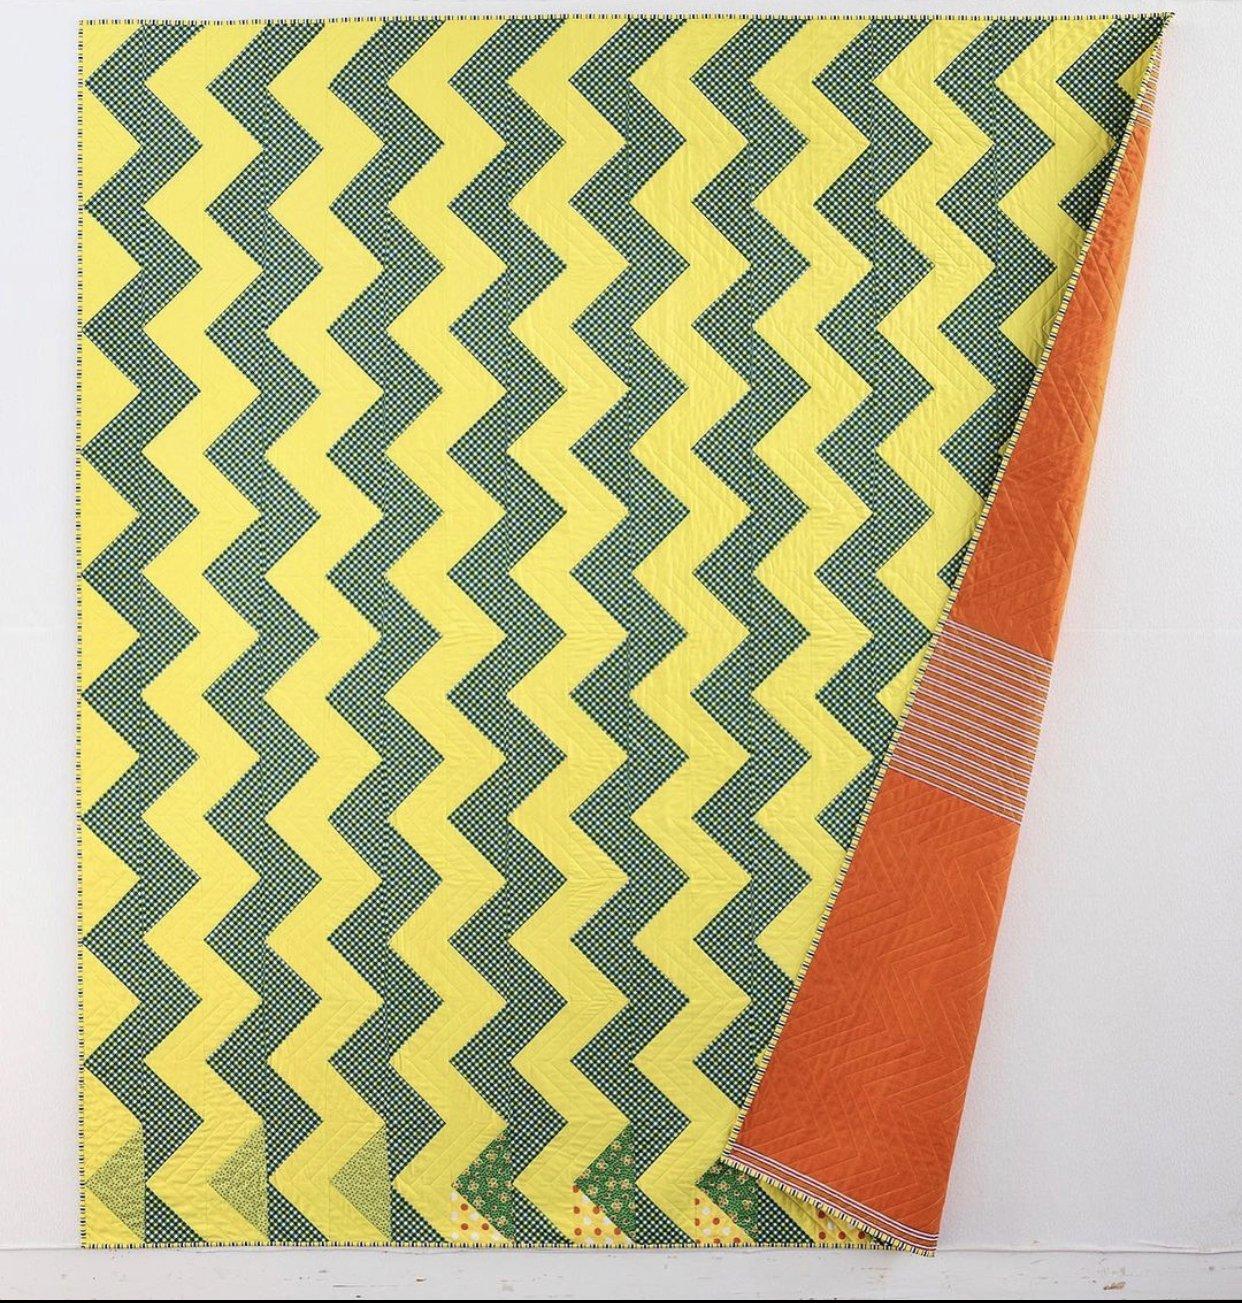 SOLQKFT Streak of Lightening Quilt Kit by Denyse Schmidt for Windham Fabrics